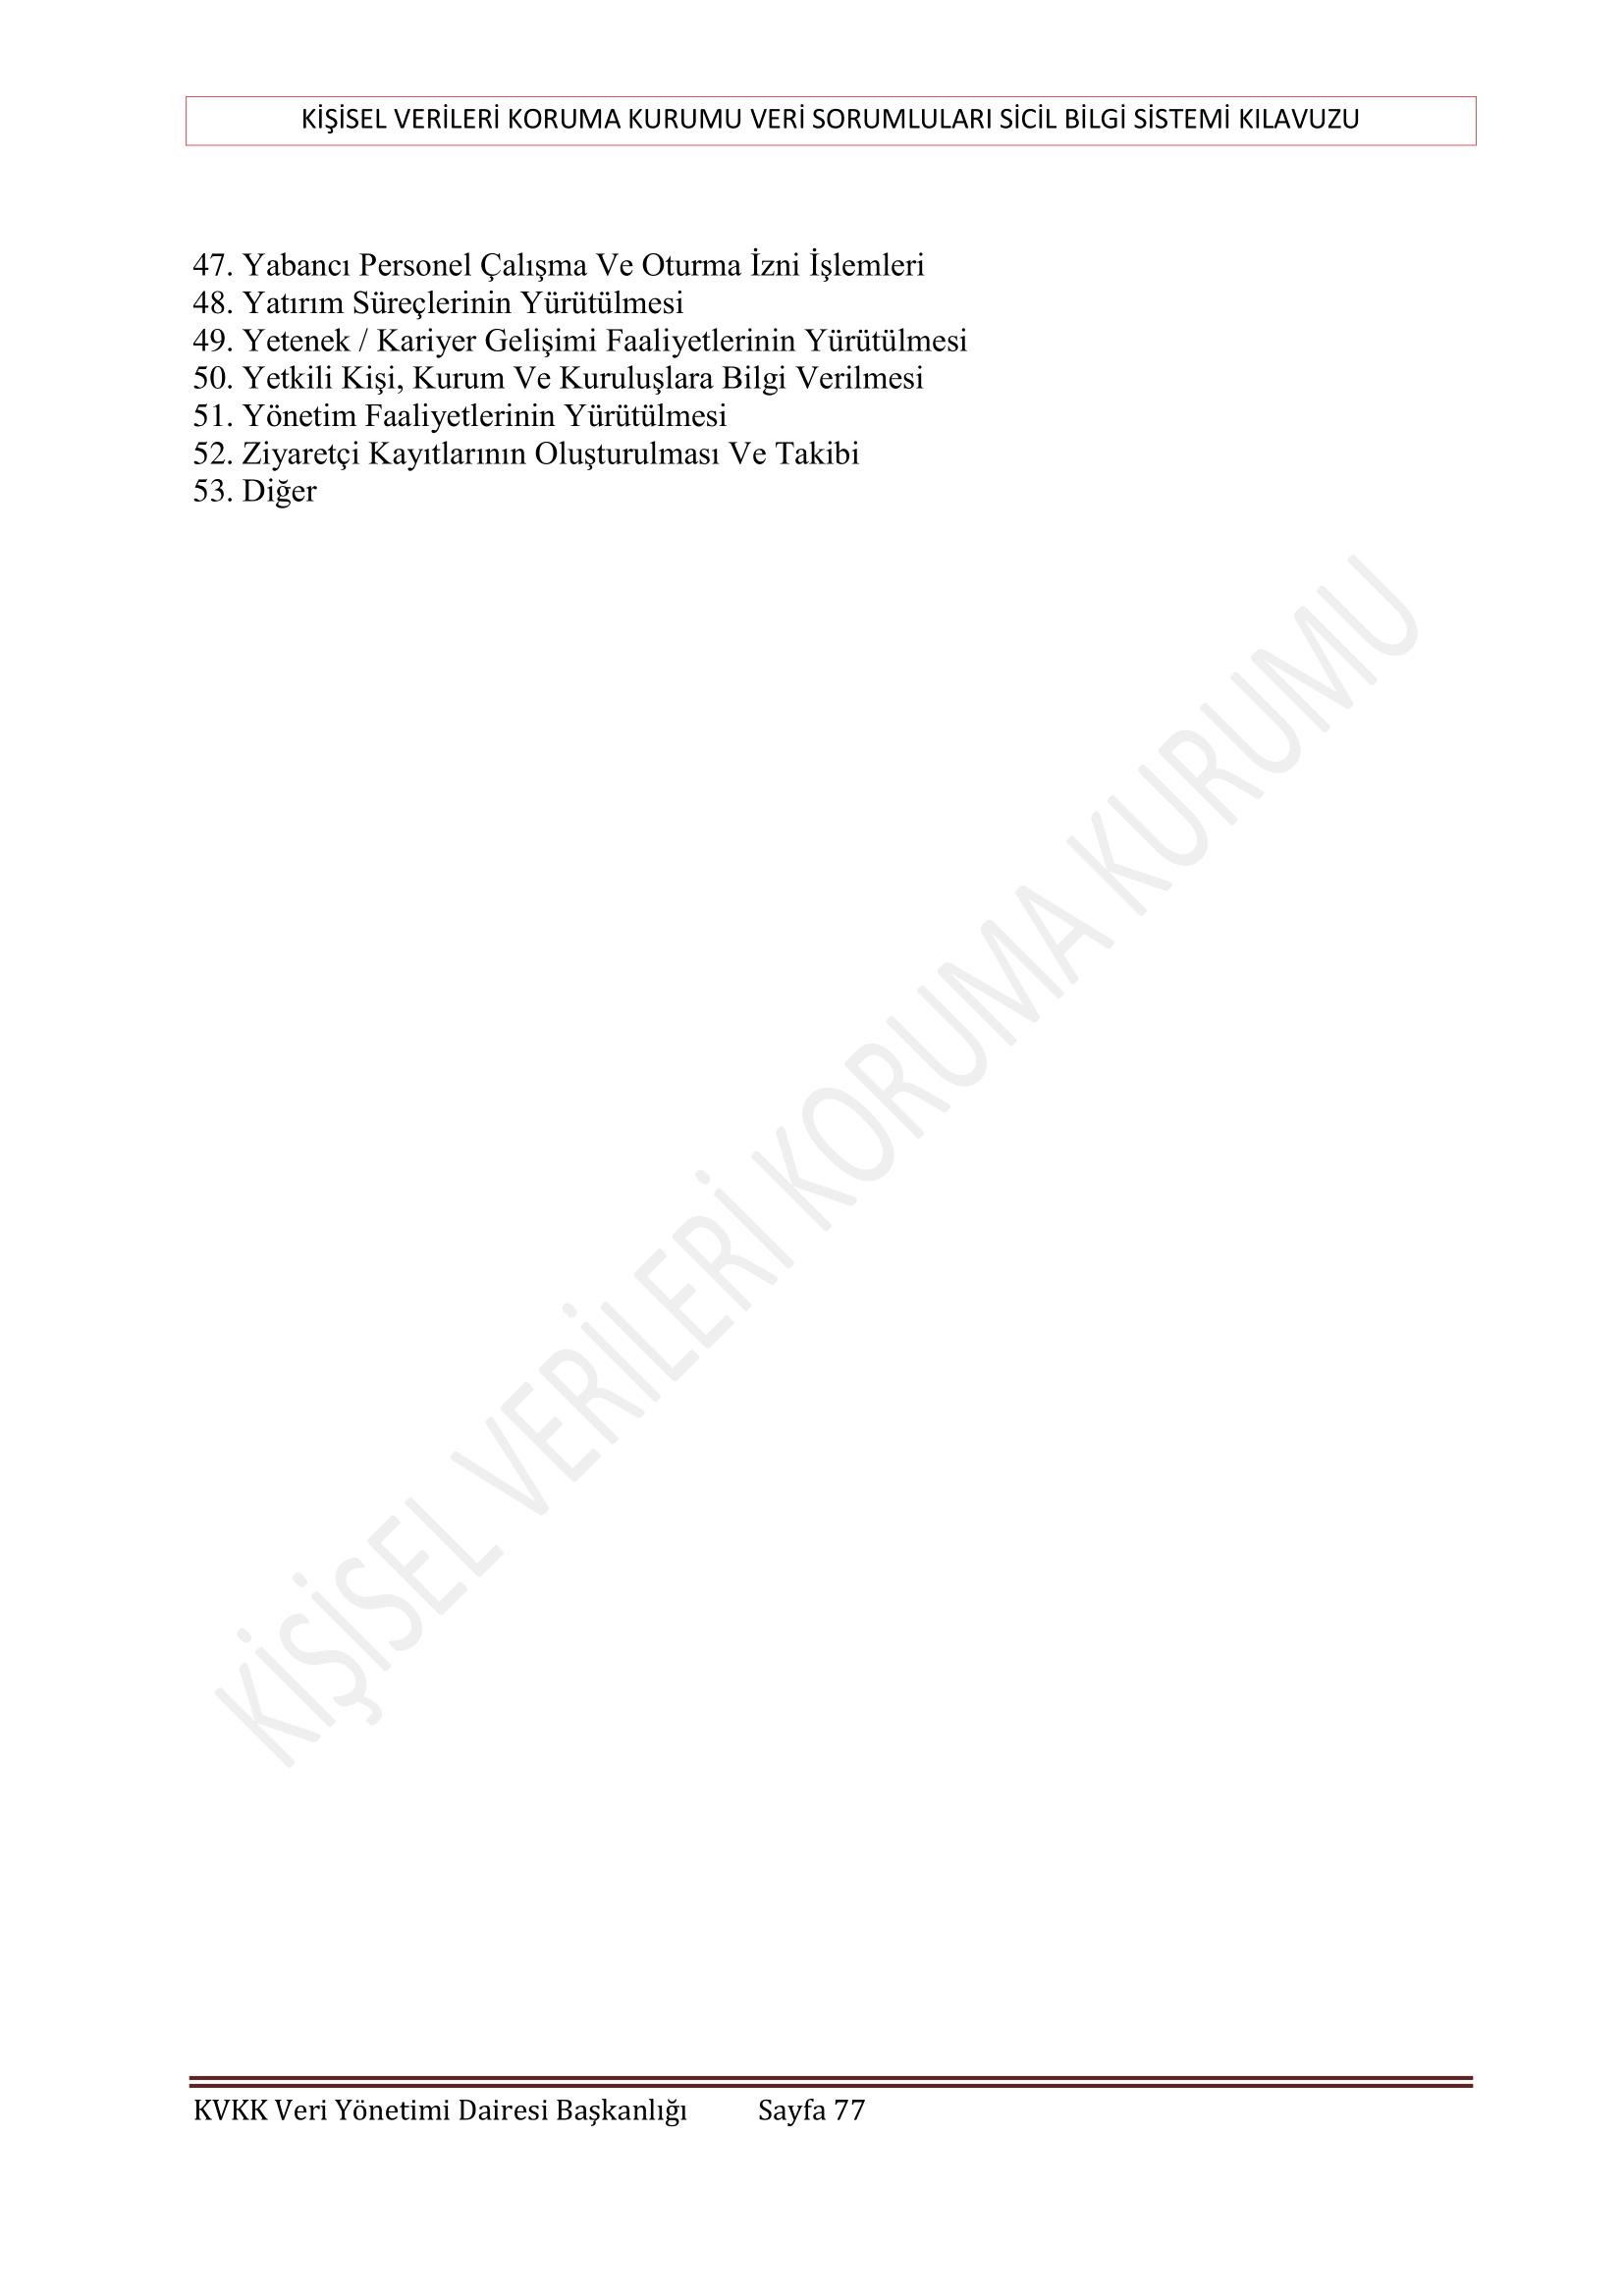 kvkk 77